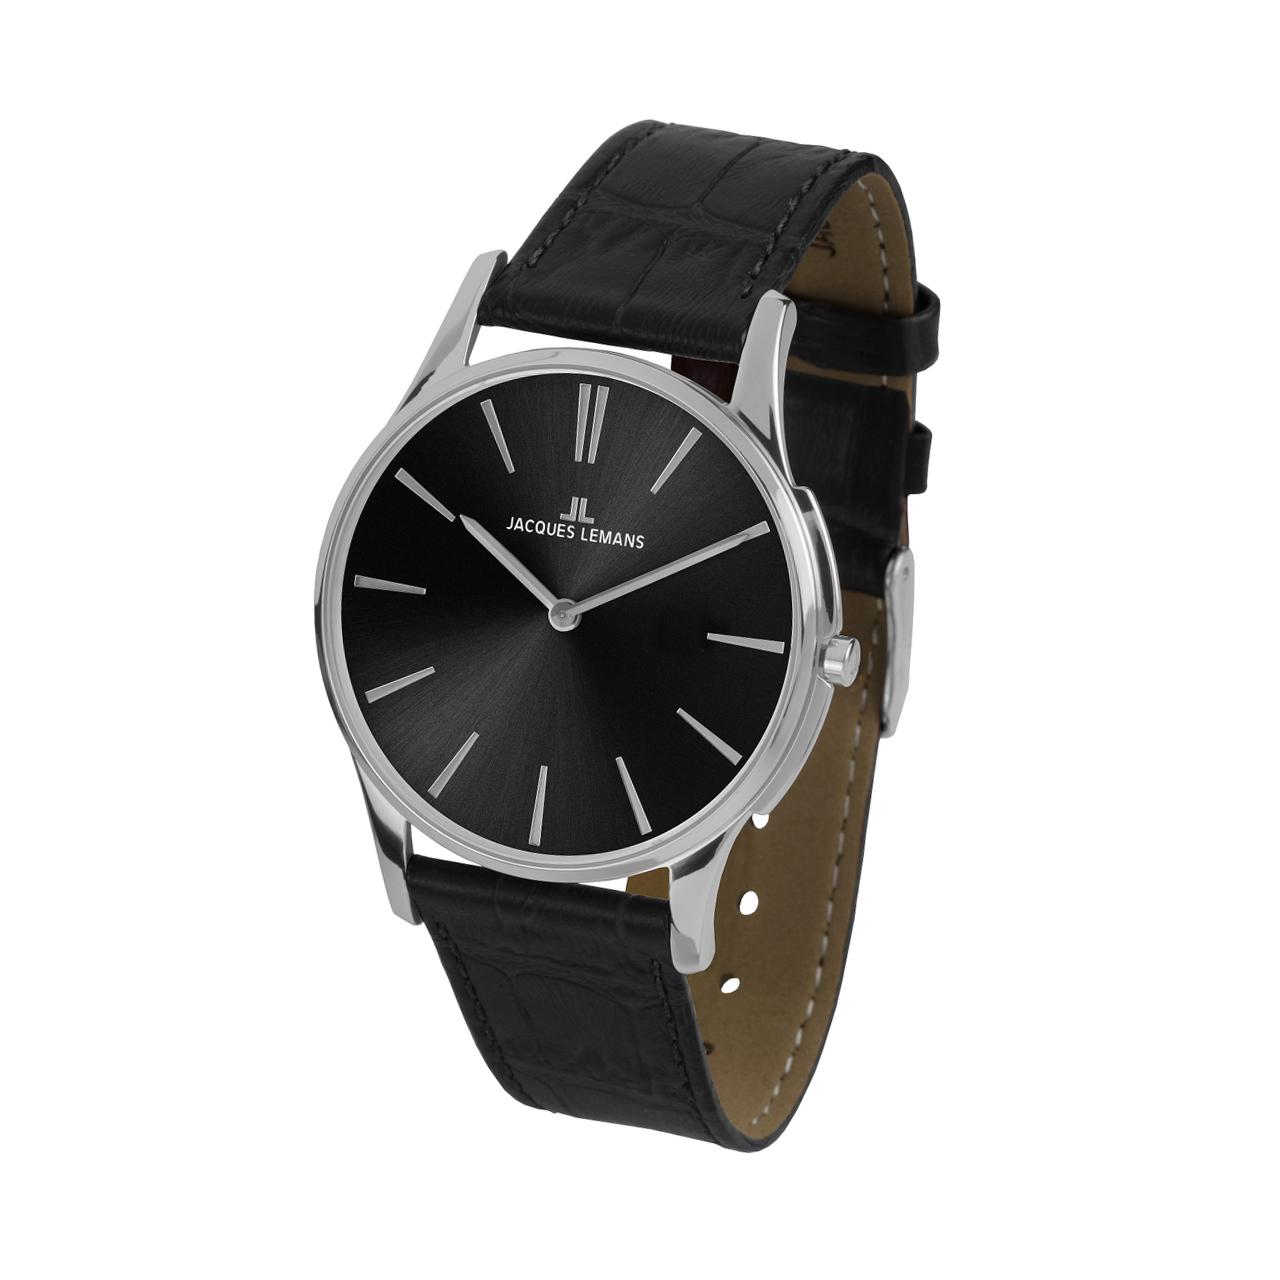 ساعت مچی عقربه ای زنانه ژاک لمن مدل 1-1938A